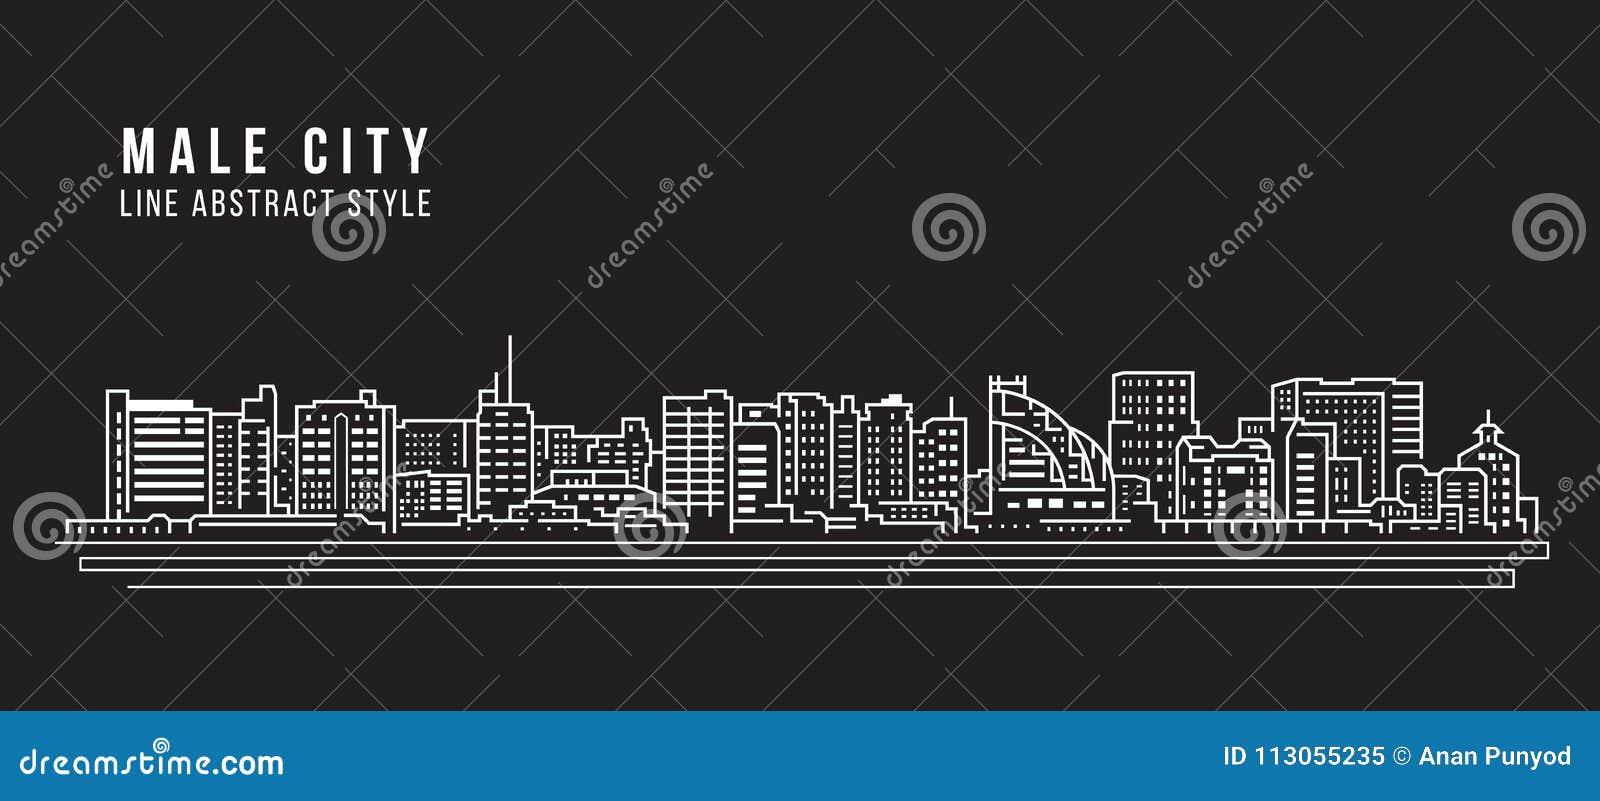 Cityscapebyggnadslinje design för konstvektorillustration - den manliga staden - Maldiverna